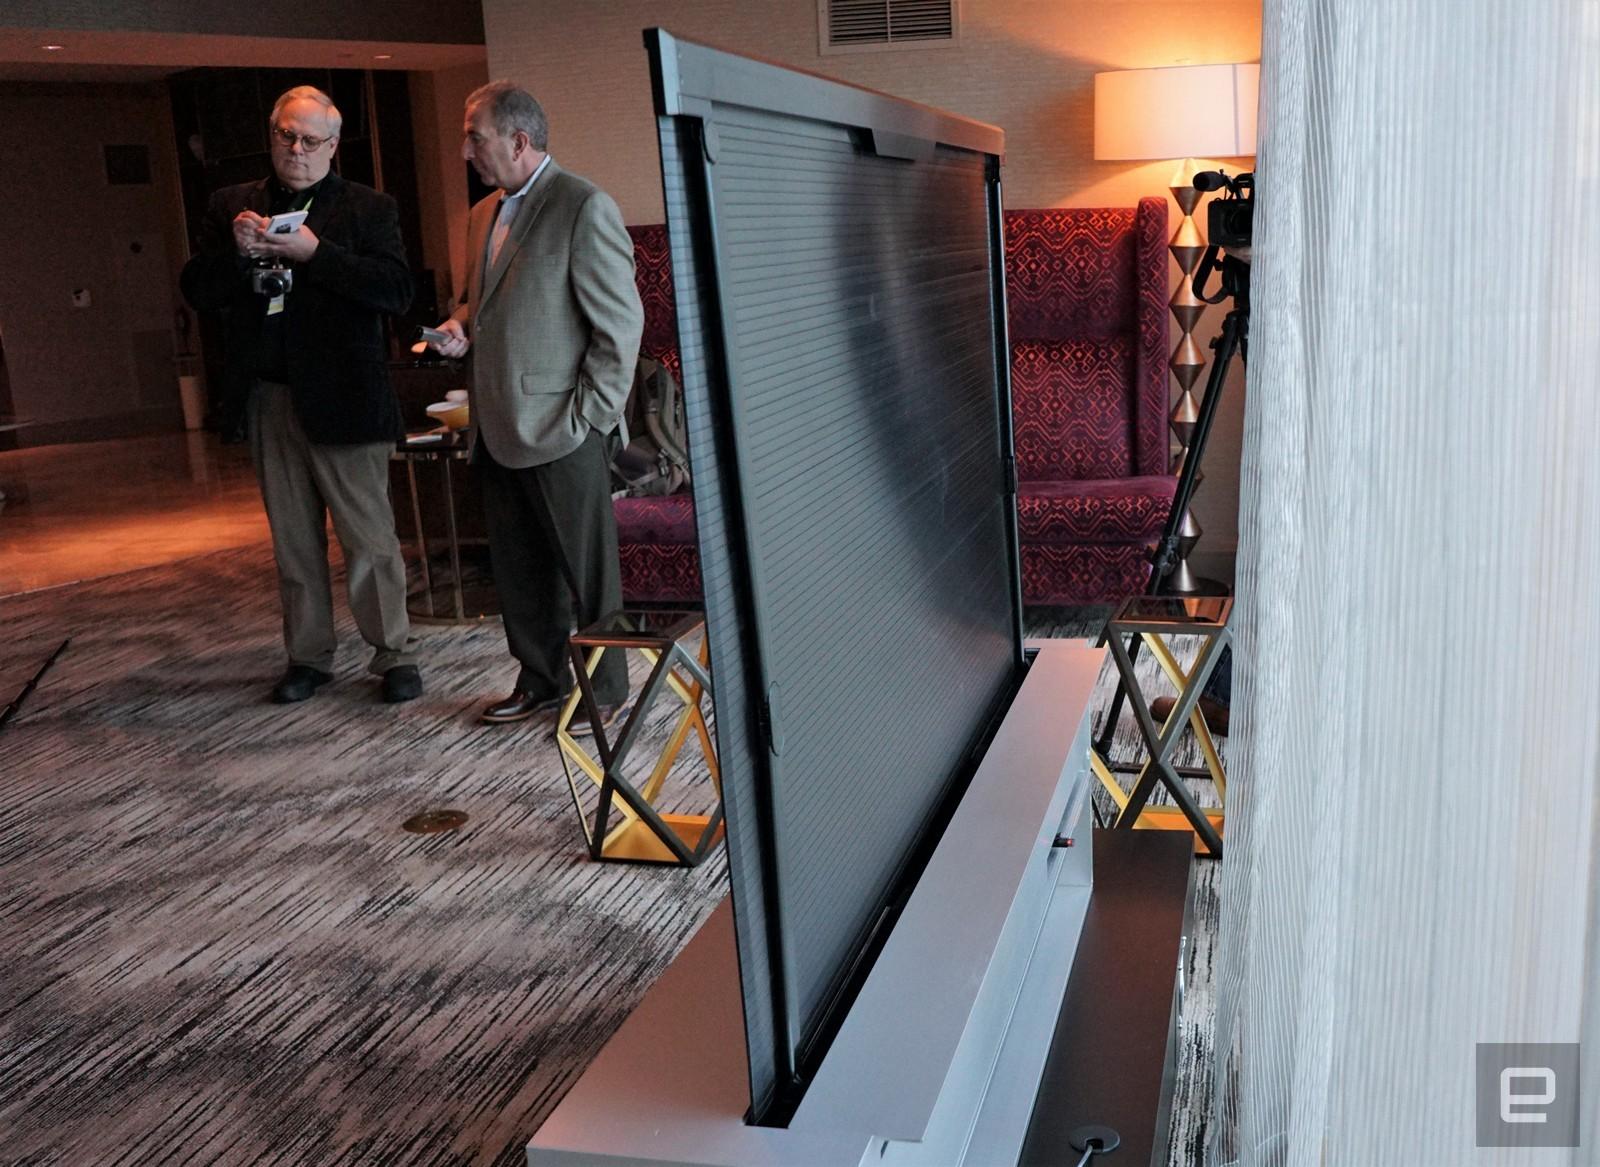 LG Signature Oled TV R, le téléviseur enroulable est bien là !